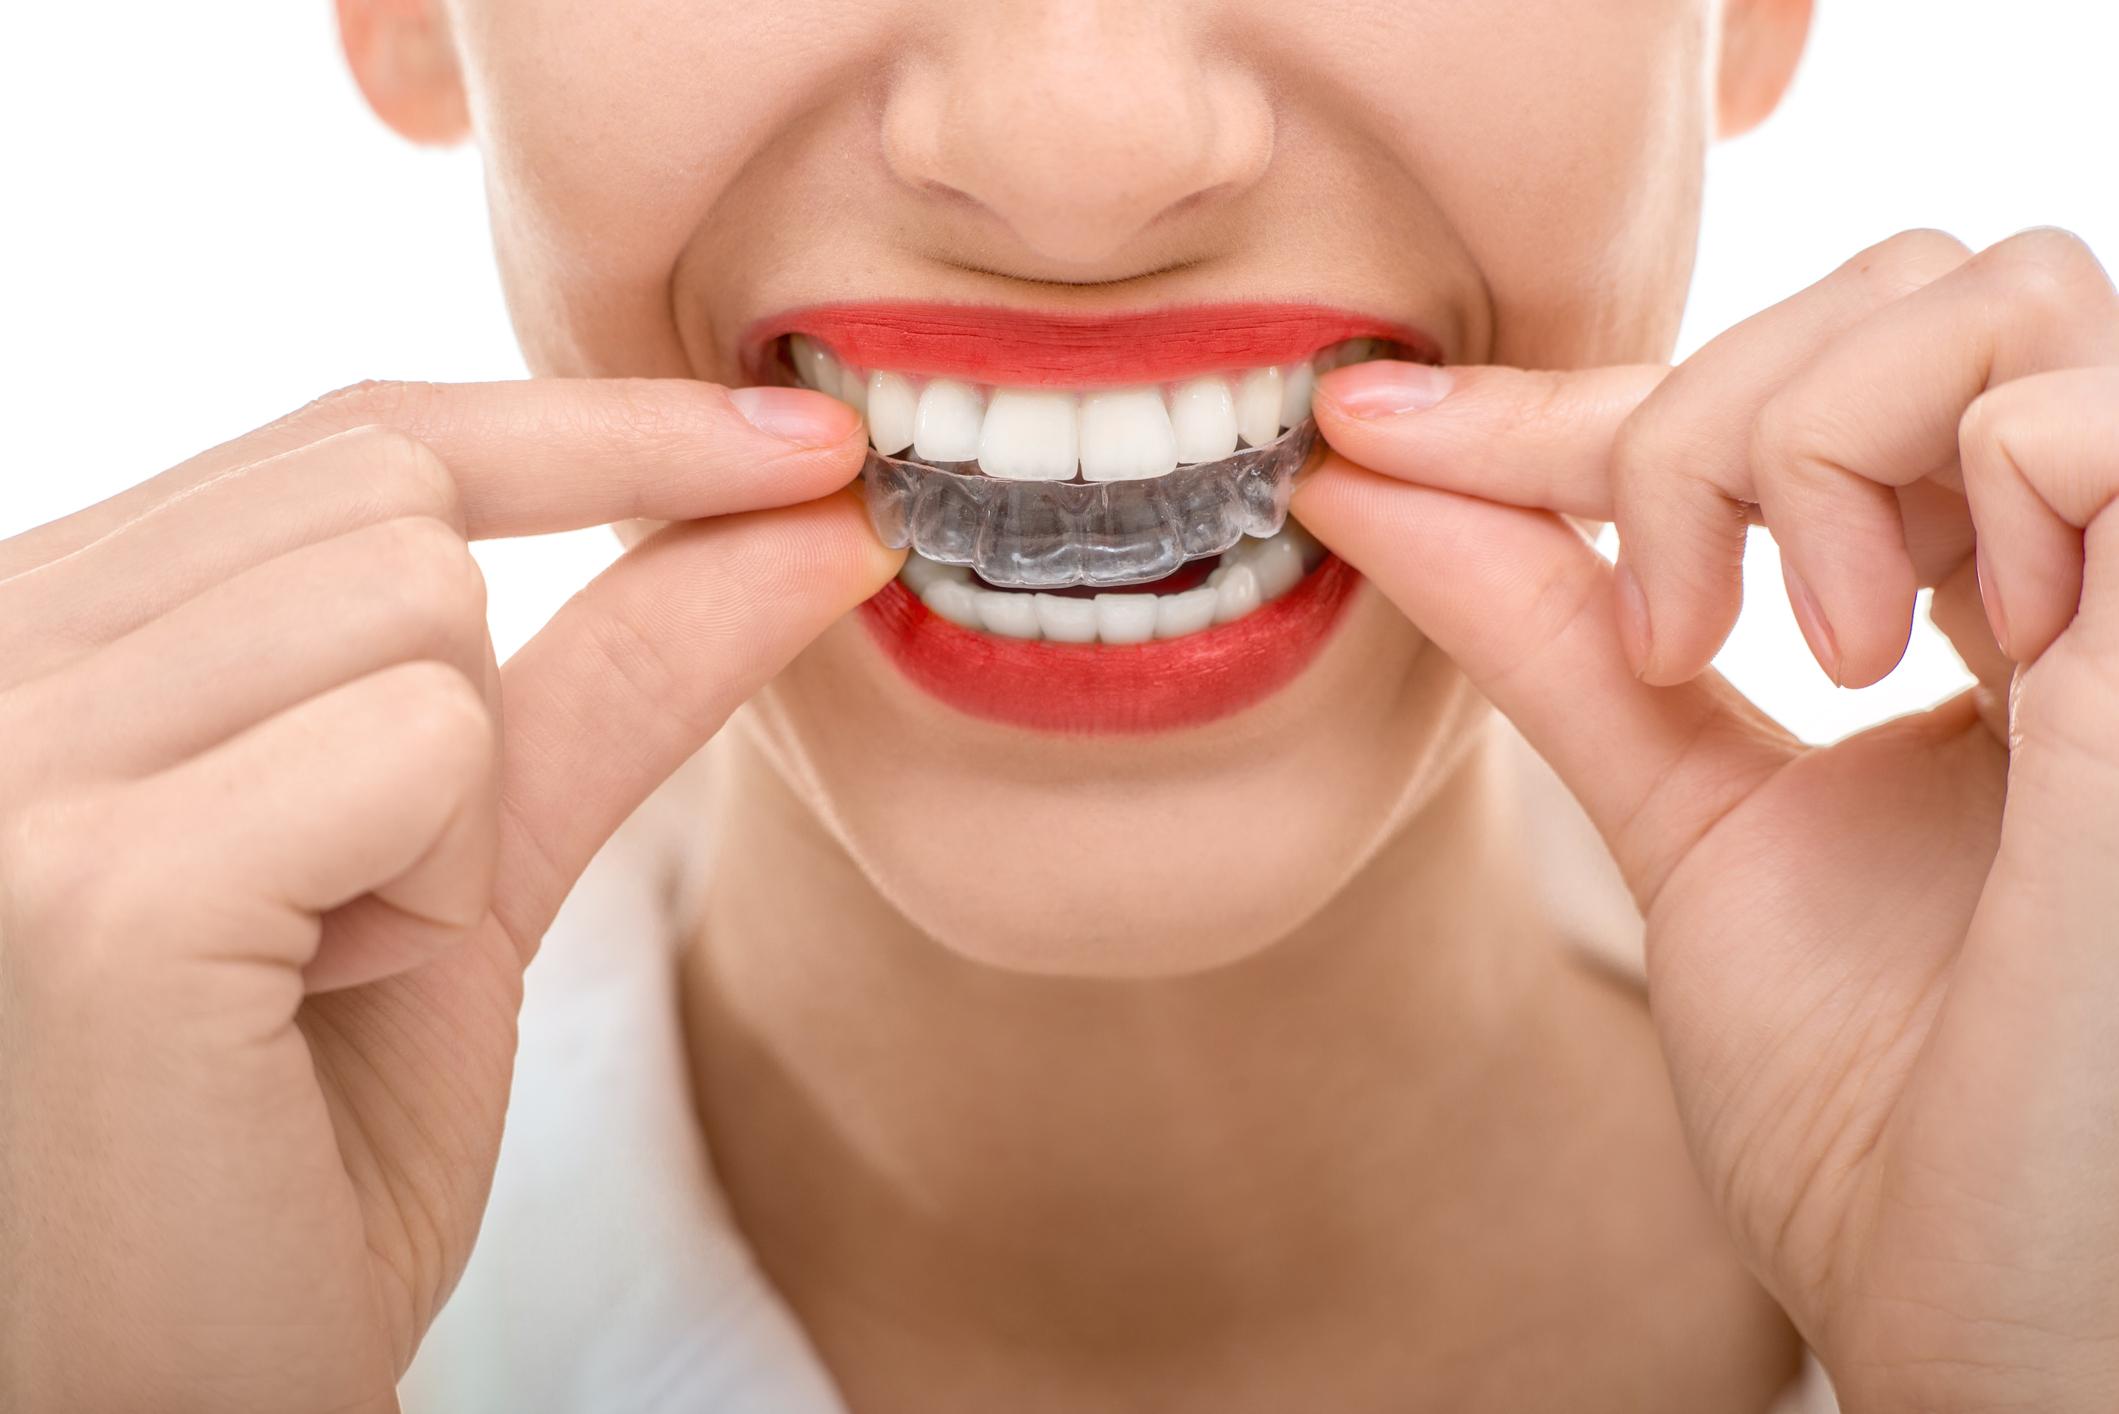 lavar férulas ortodoncia invisible